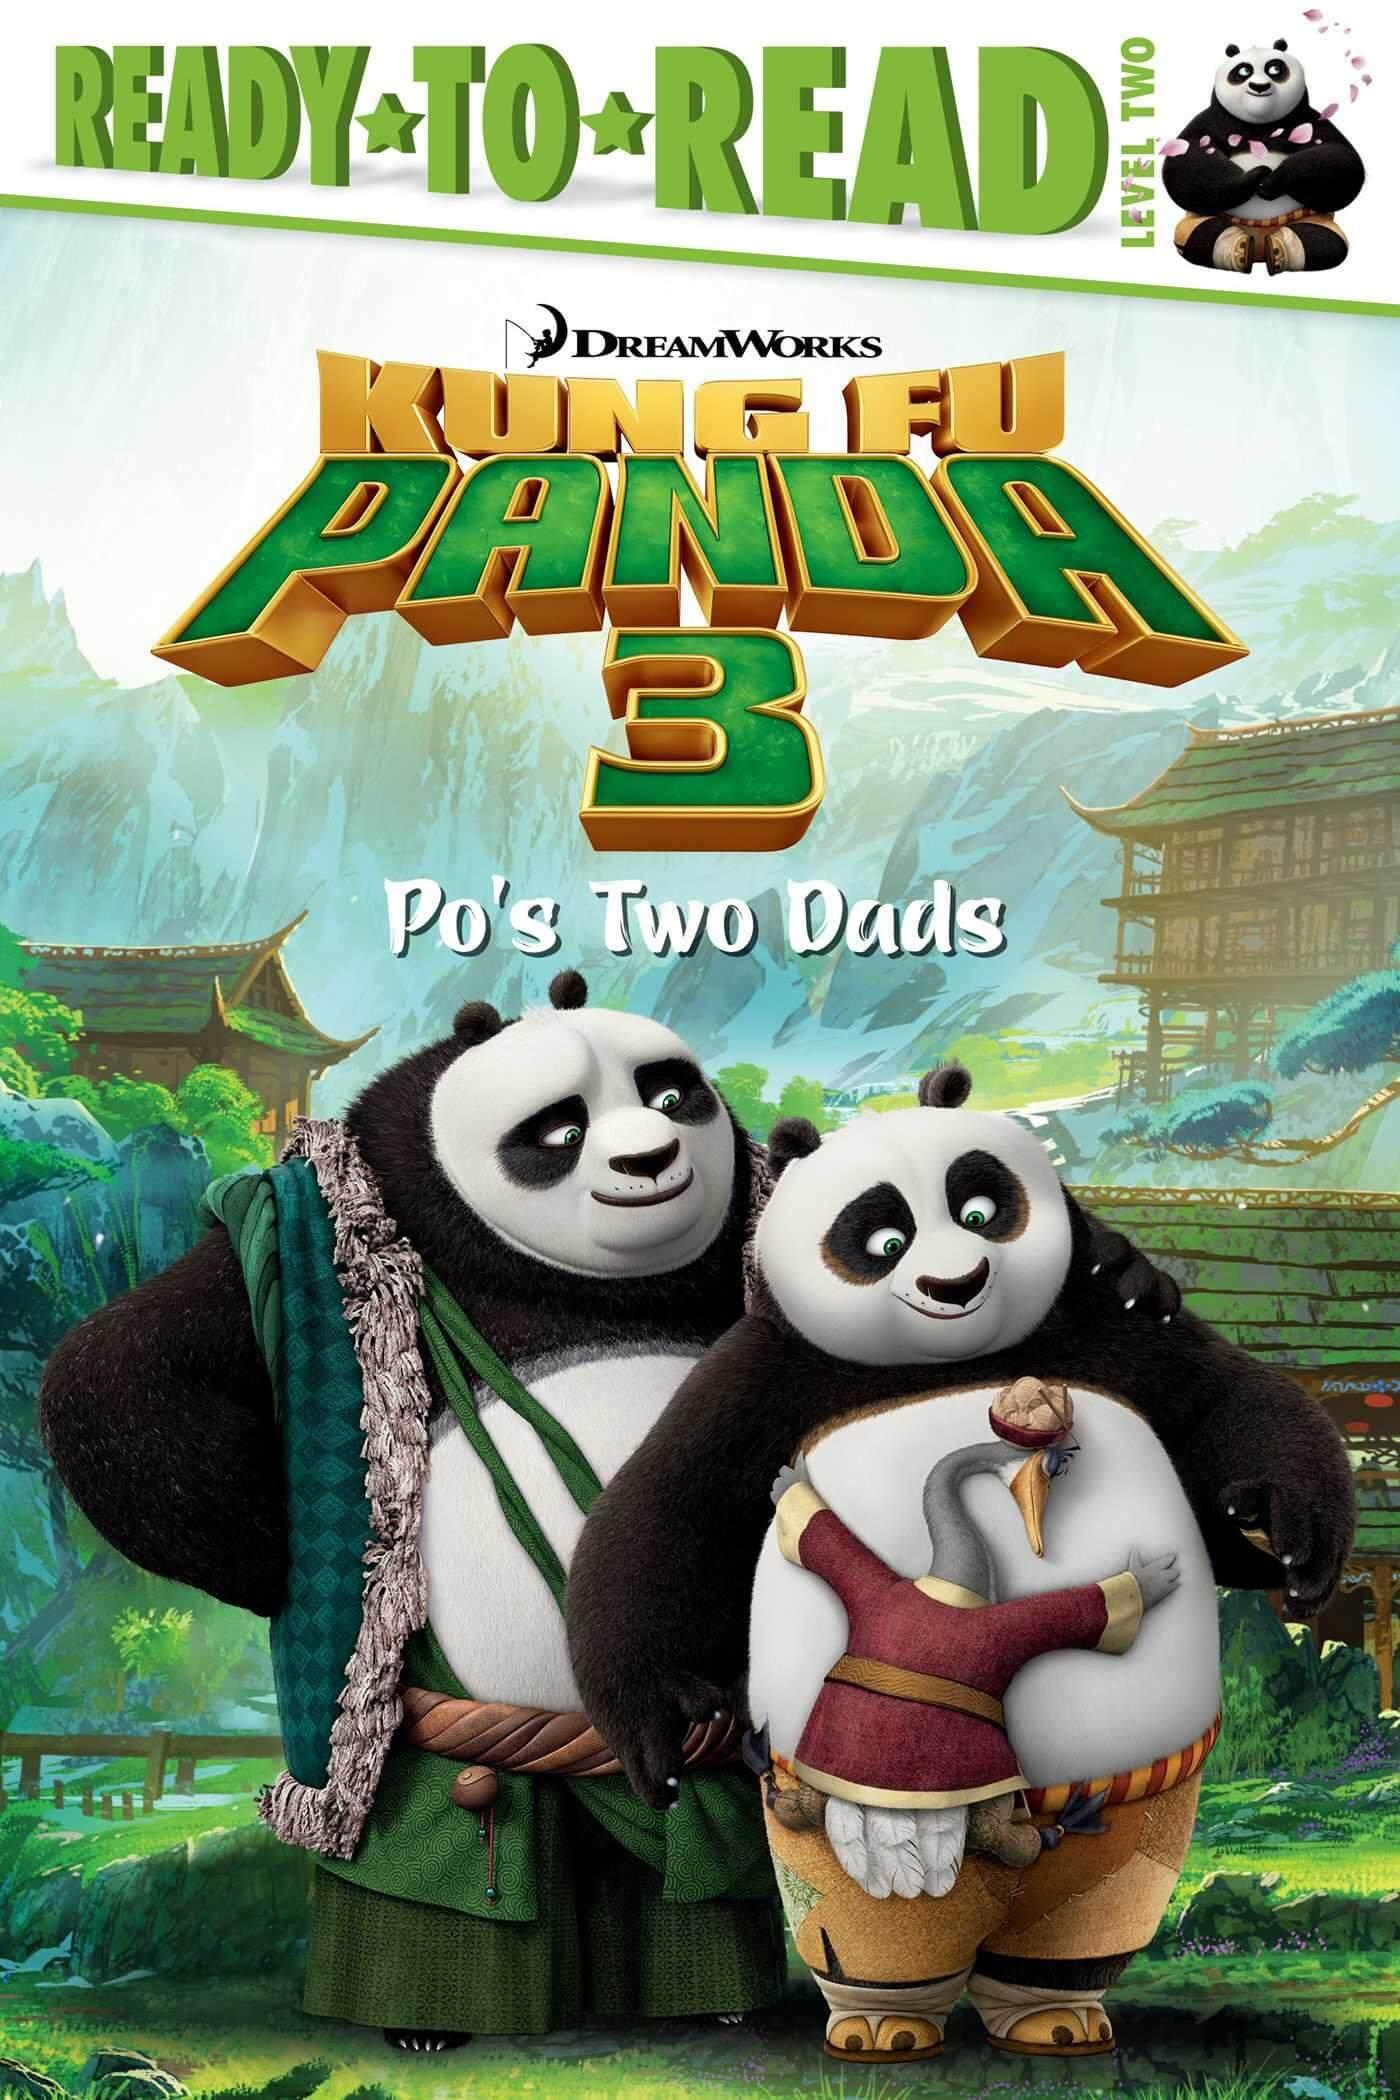 Al cinema Kung Fu Panda 3 con Po figlio di due papà